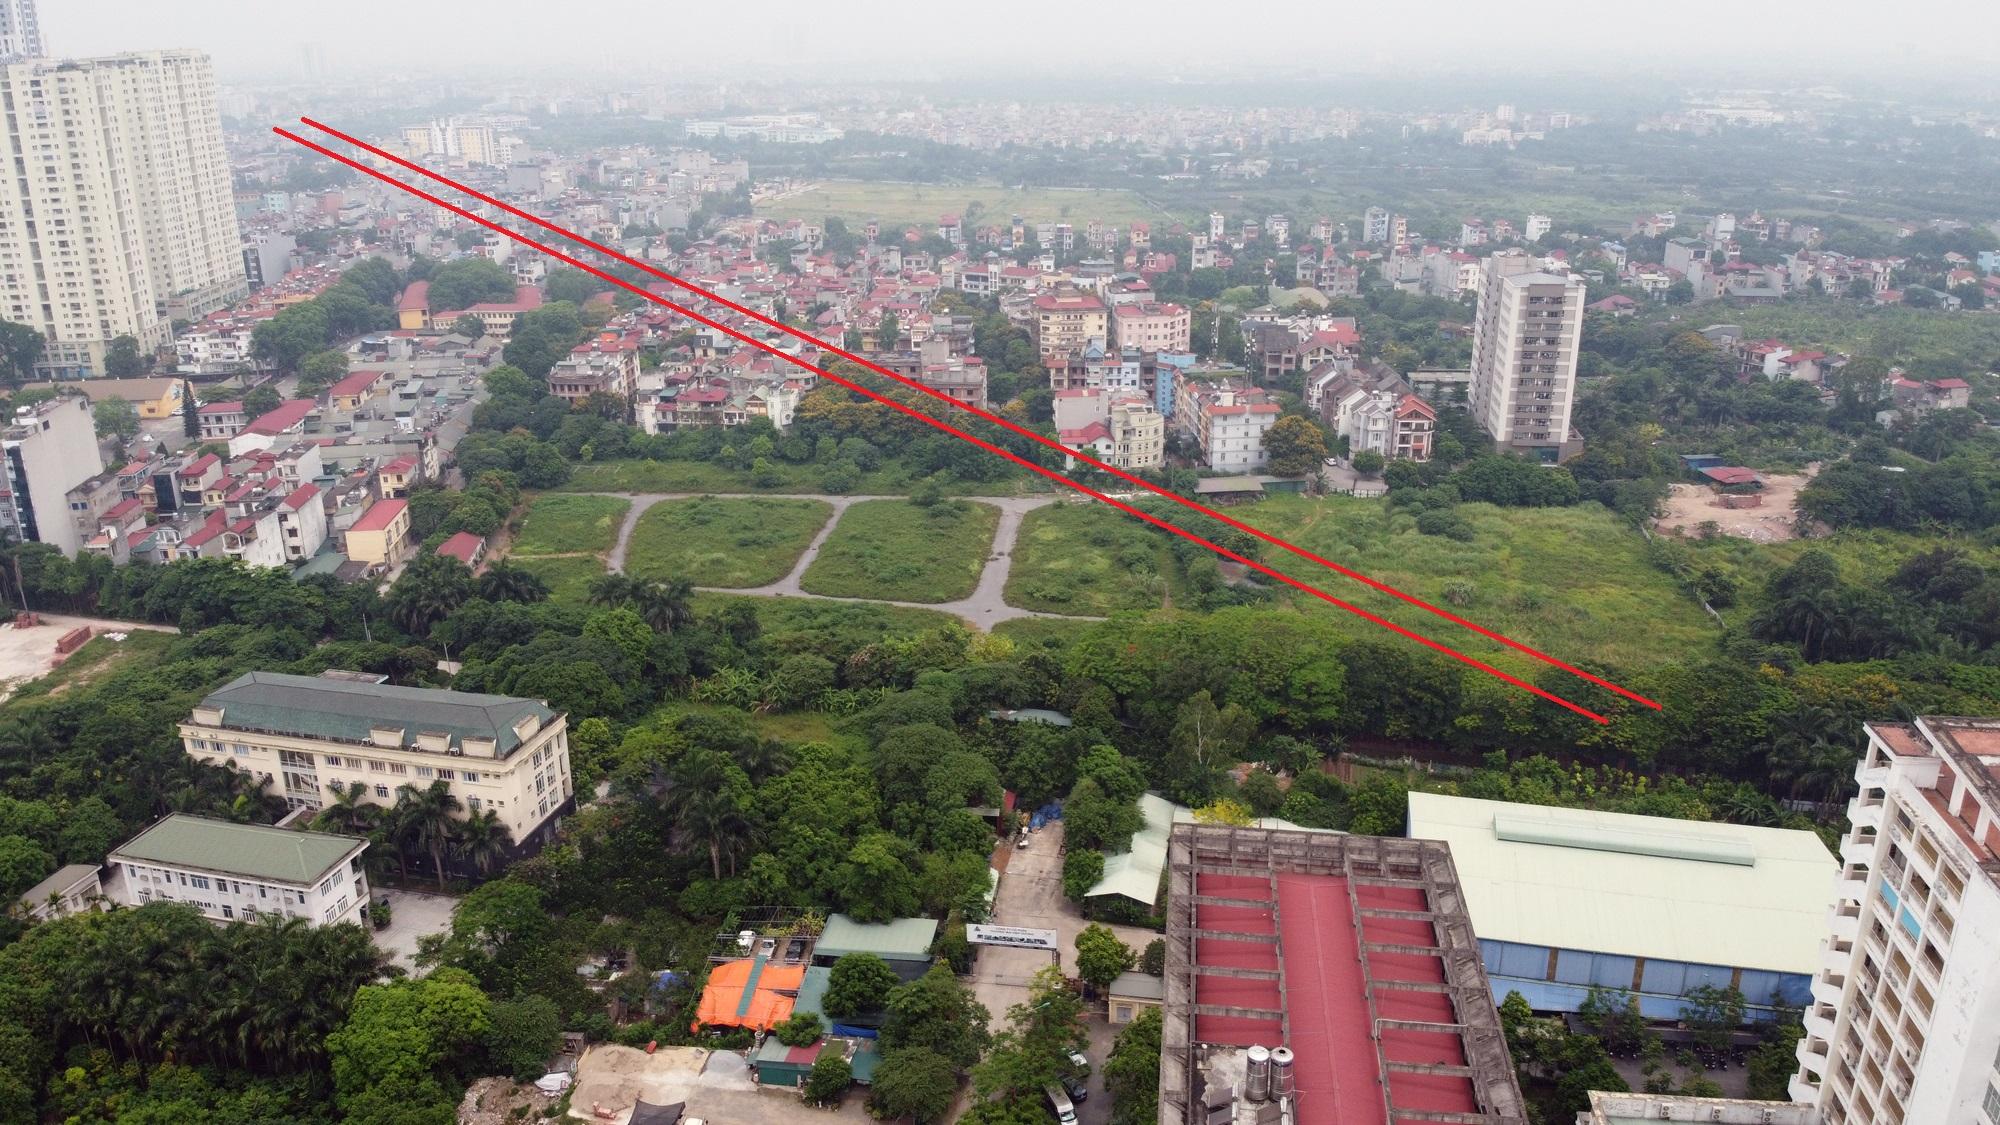 4 đường sẽ mở theo qui hoạch ở phường Phú Diễn, Bắc Từ Liêm - Ảnh 7.